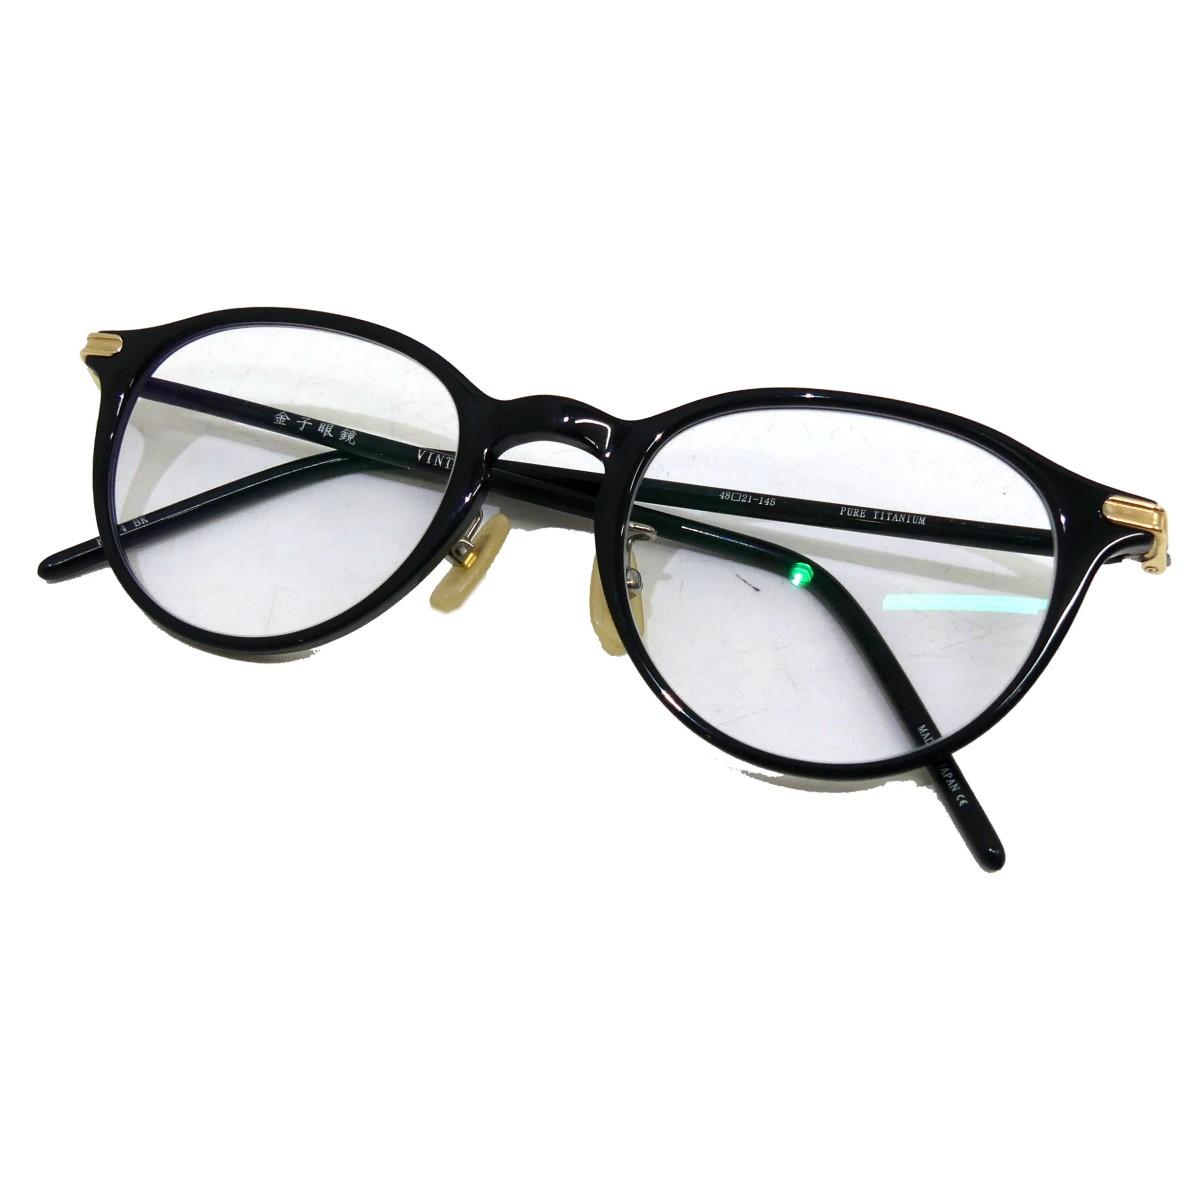 カネコメガネ 大人気! 中古 金子眼鏡 KV-44 ブラック 190121 ボストン眼鏡 公式ストア